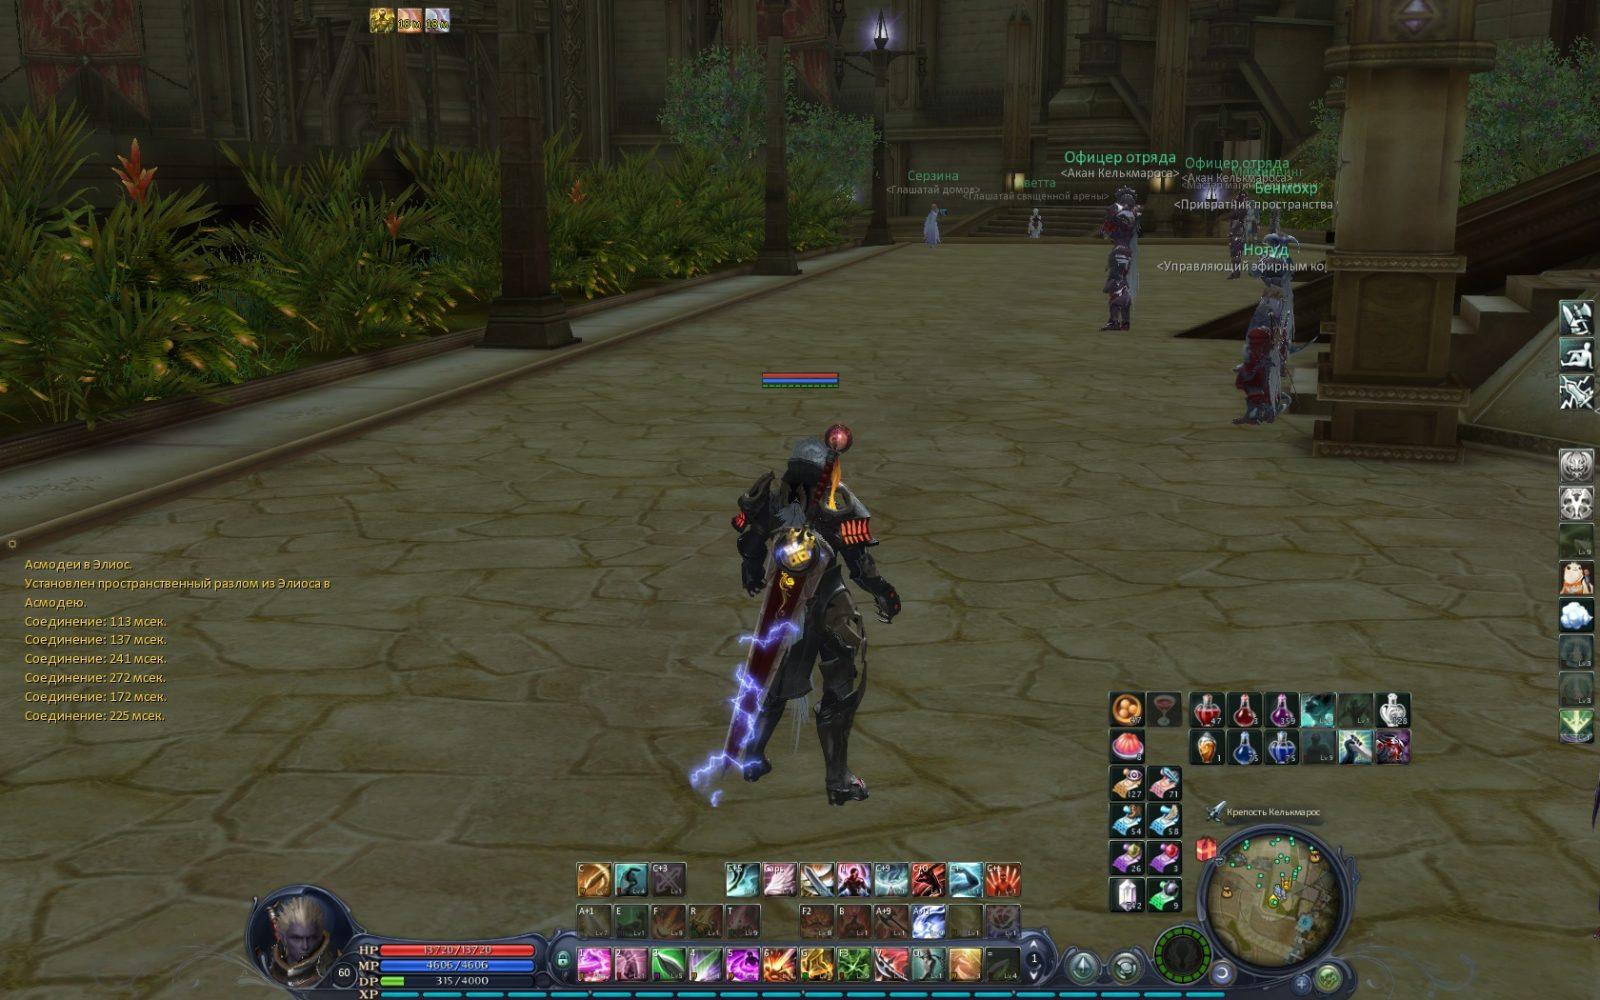 Скриншот онлайн-игры